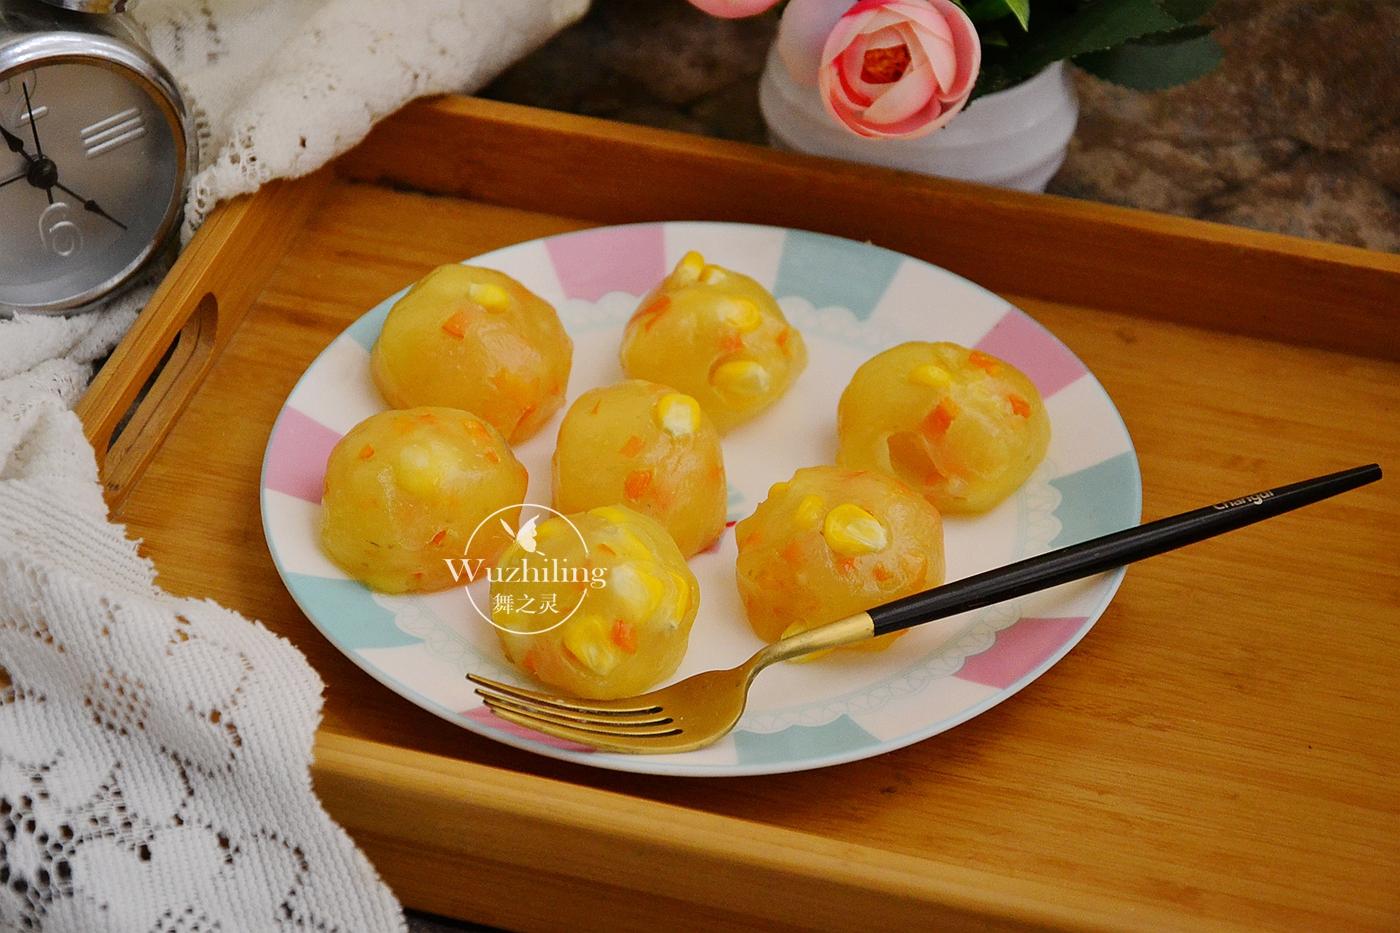 土豆这样做可真好吃,全新做法,比大鱼大肉健康,孩子真爱吃